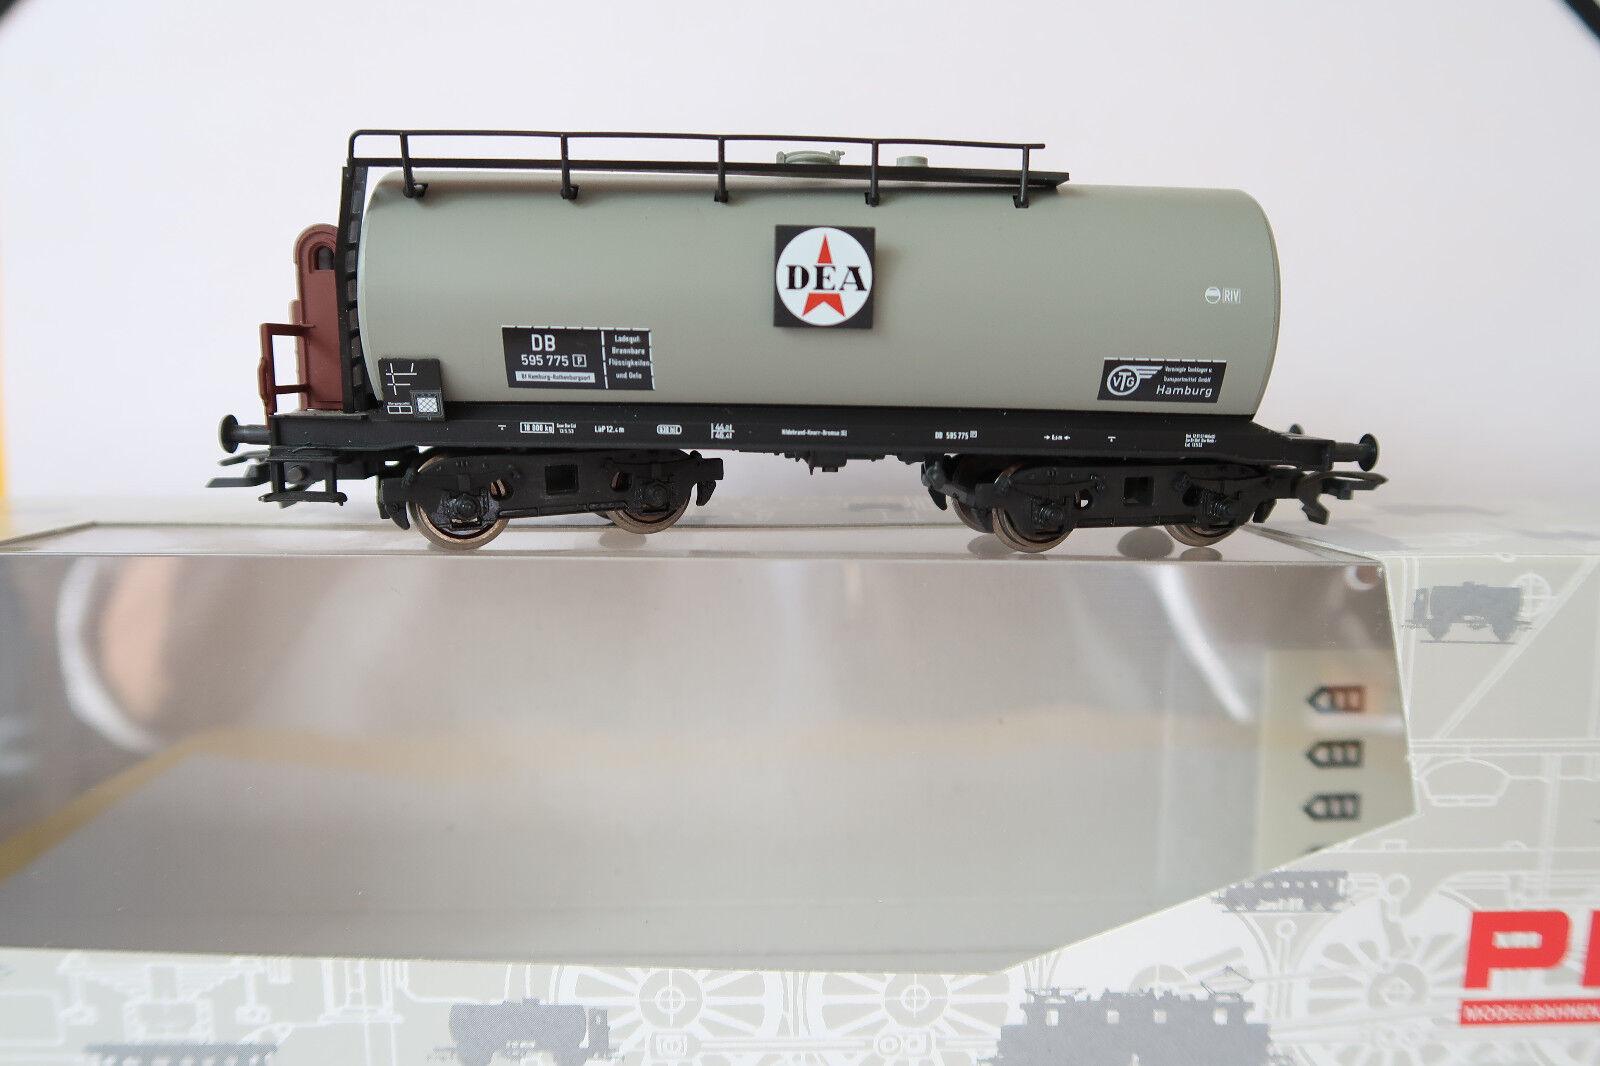 Piko HO DC 54350 Kesselwagen DEA 595 775 DB (CQ 1003-19R7 11)    Um Sowohl Die Qualität Der Zähigkeit Und Härte